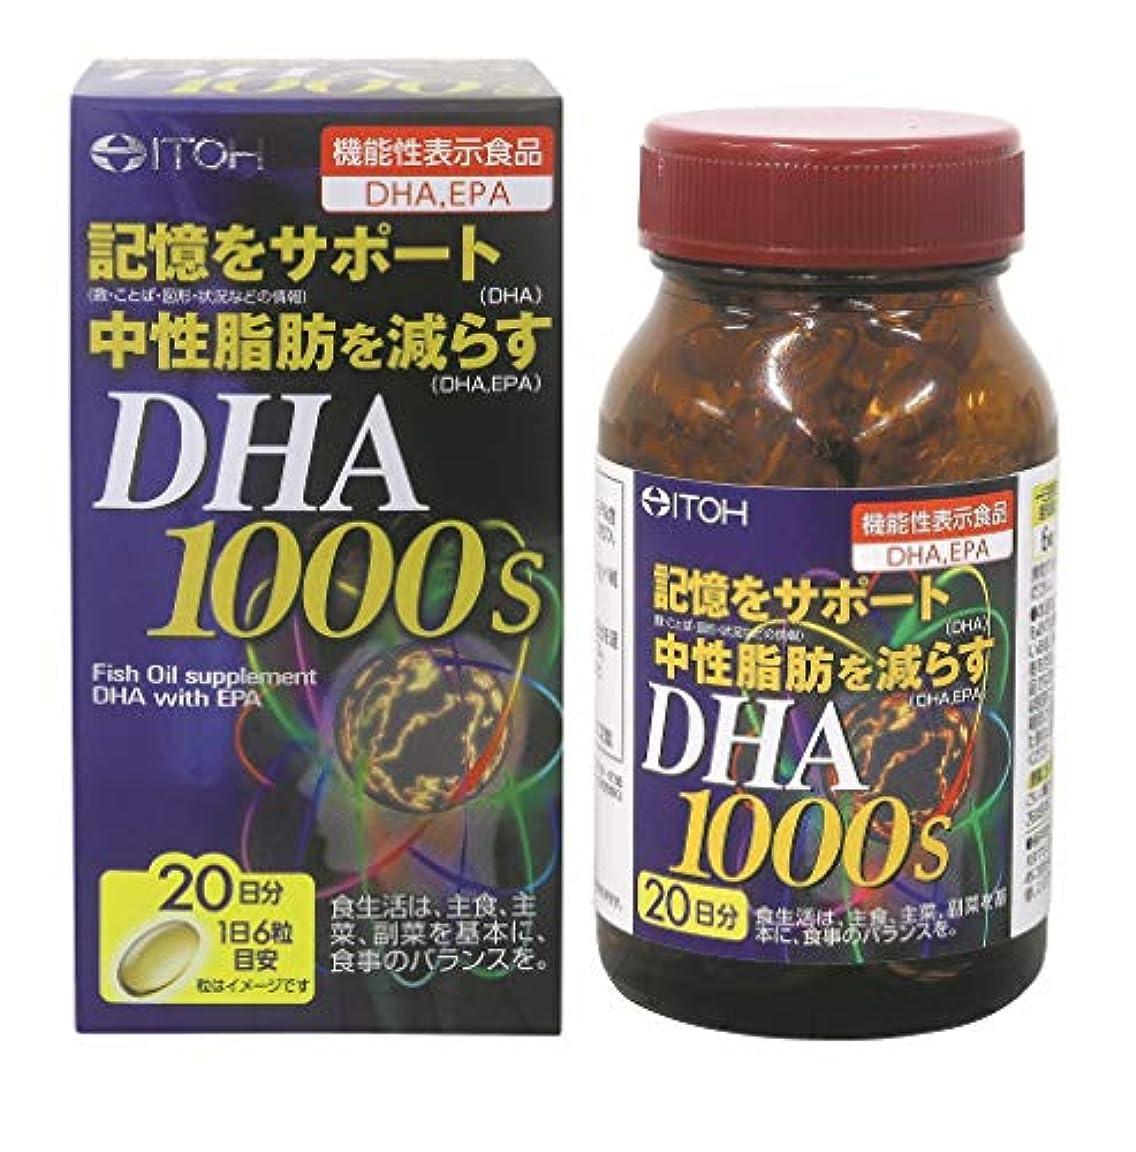 香水眉をひそめるバルセロナ井藤漢方製薬 DHA1000 (ディーエイチエー) 約20日分 120粒